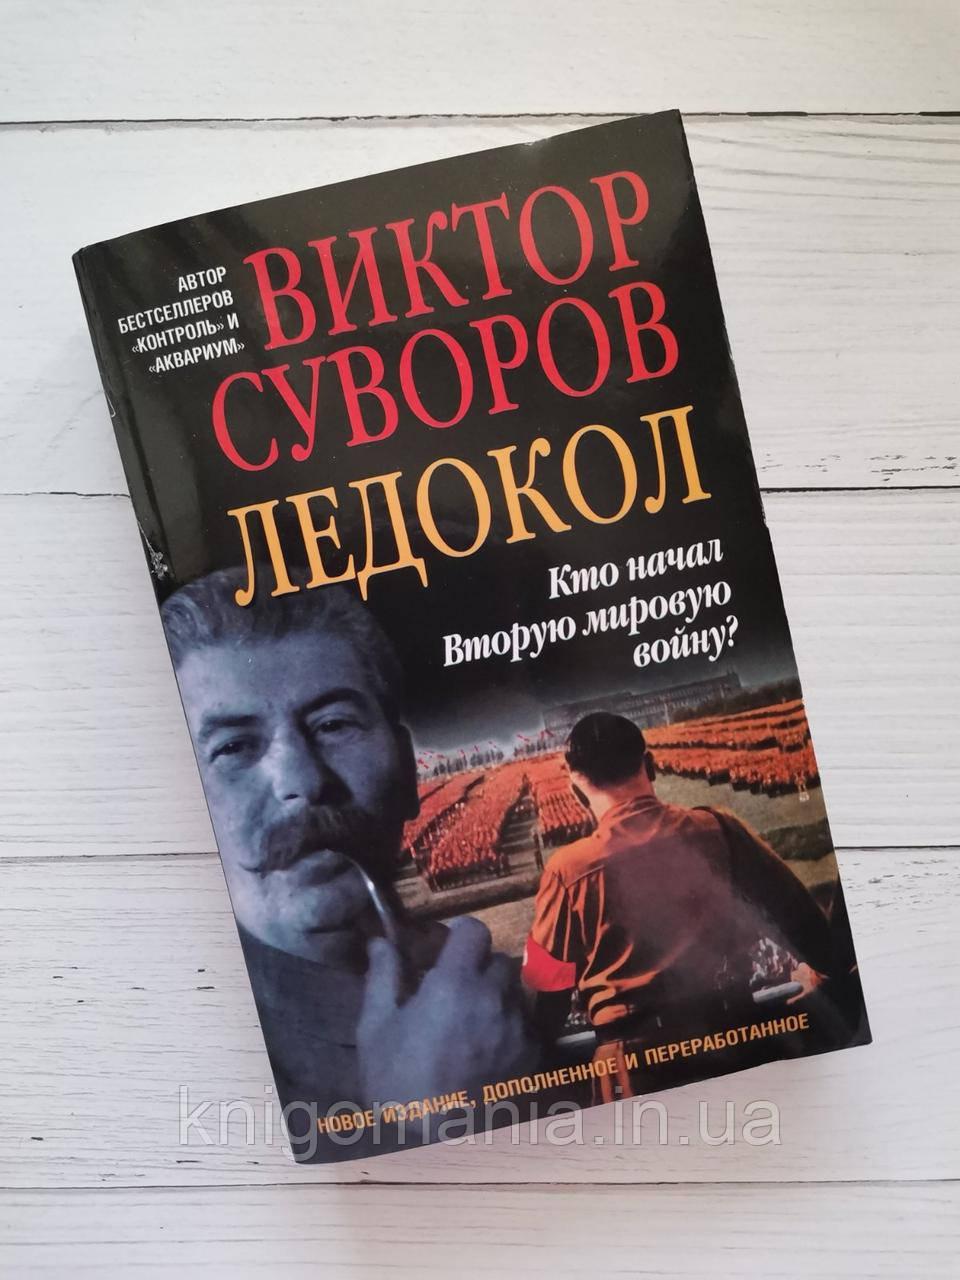 Ледокол. Кто начал вторую мировую войну.  Виктор Суворов